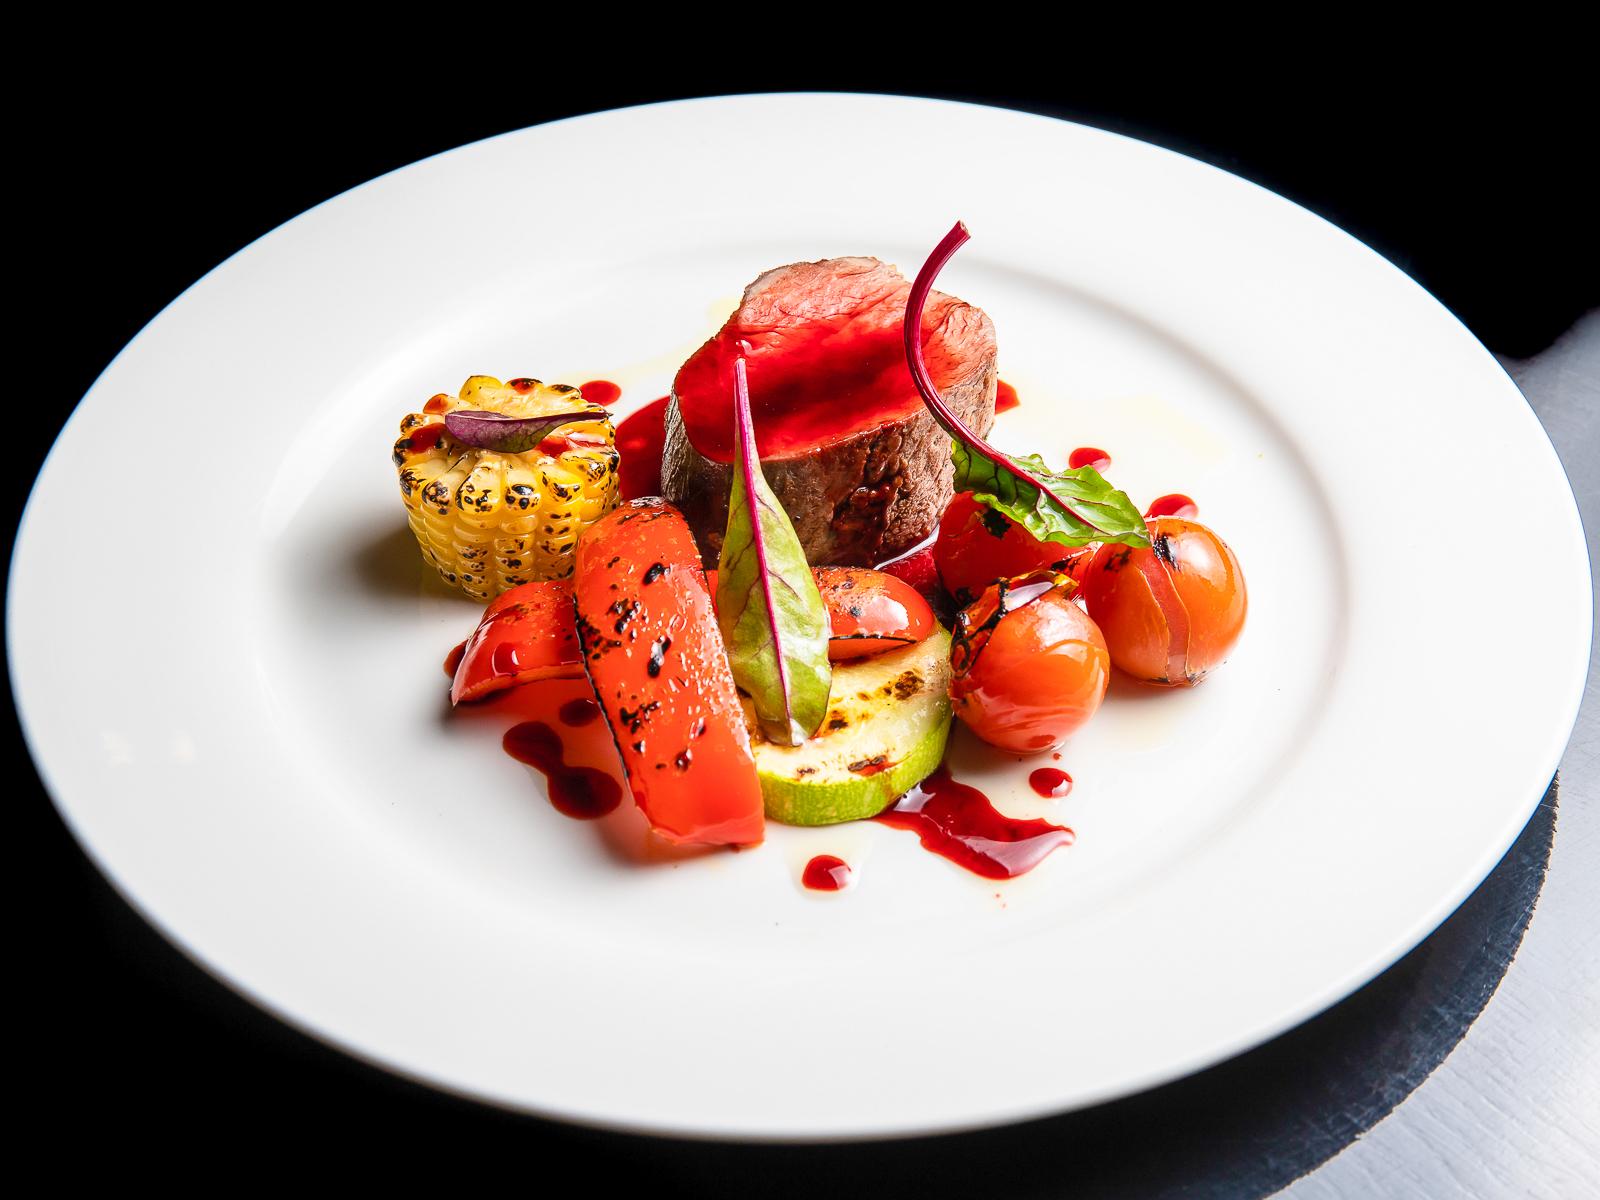 Ростбиф из говядины с печеными овощами и соусом порто